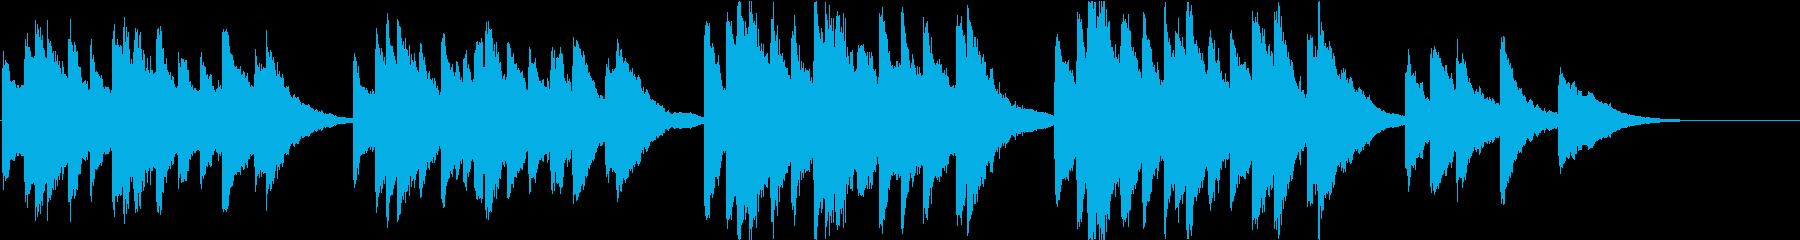 時報・チャイム風の名曲のメロディ・21の再生済みの波形